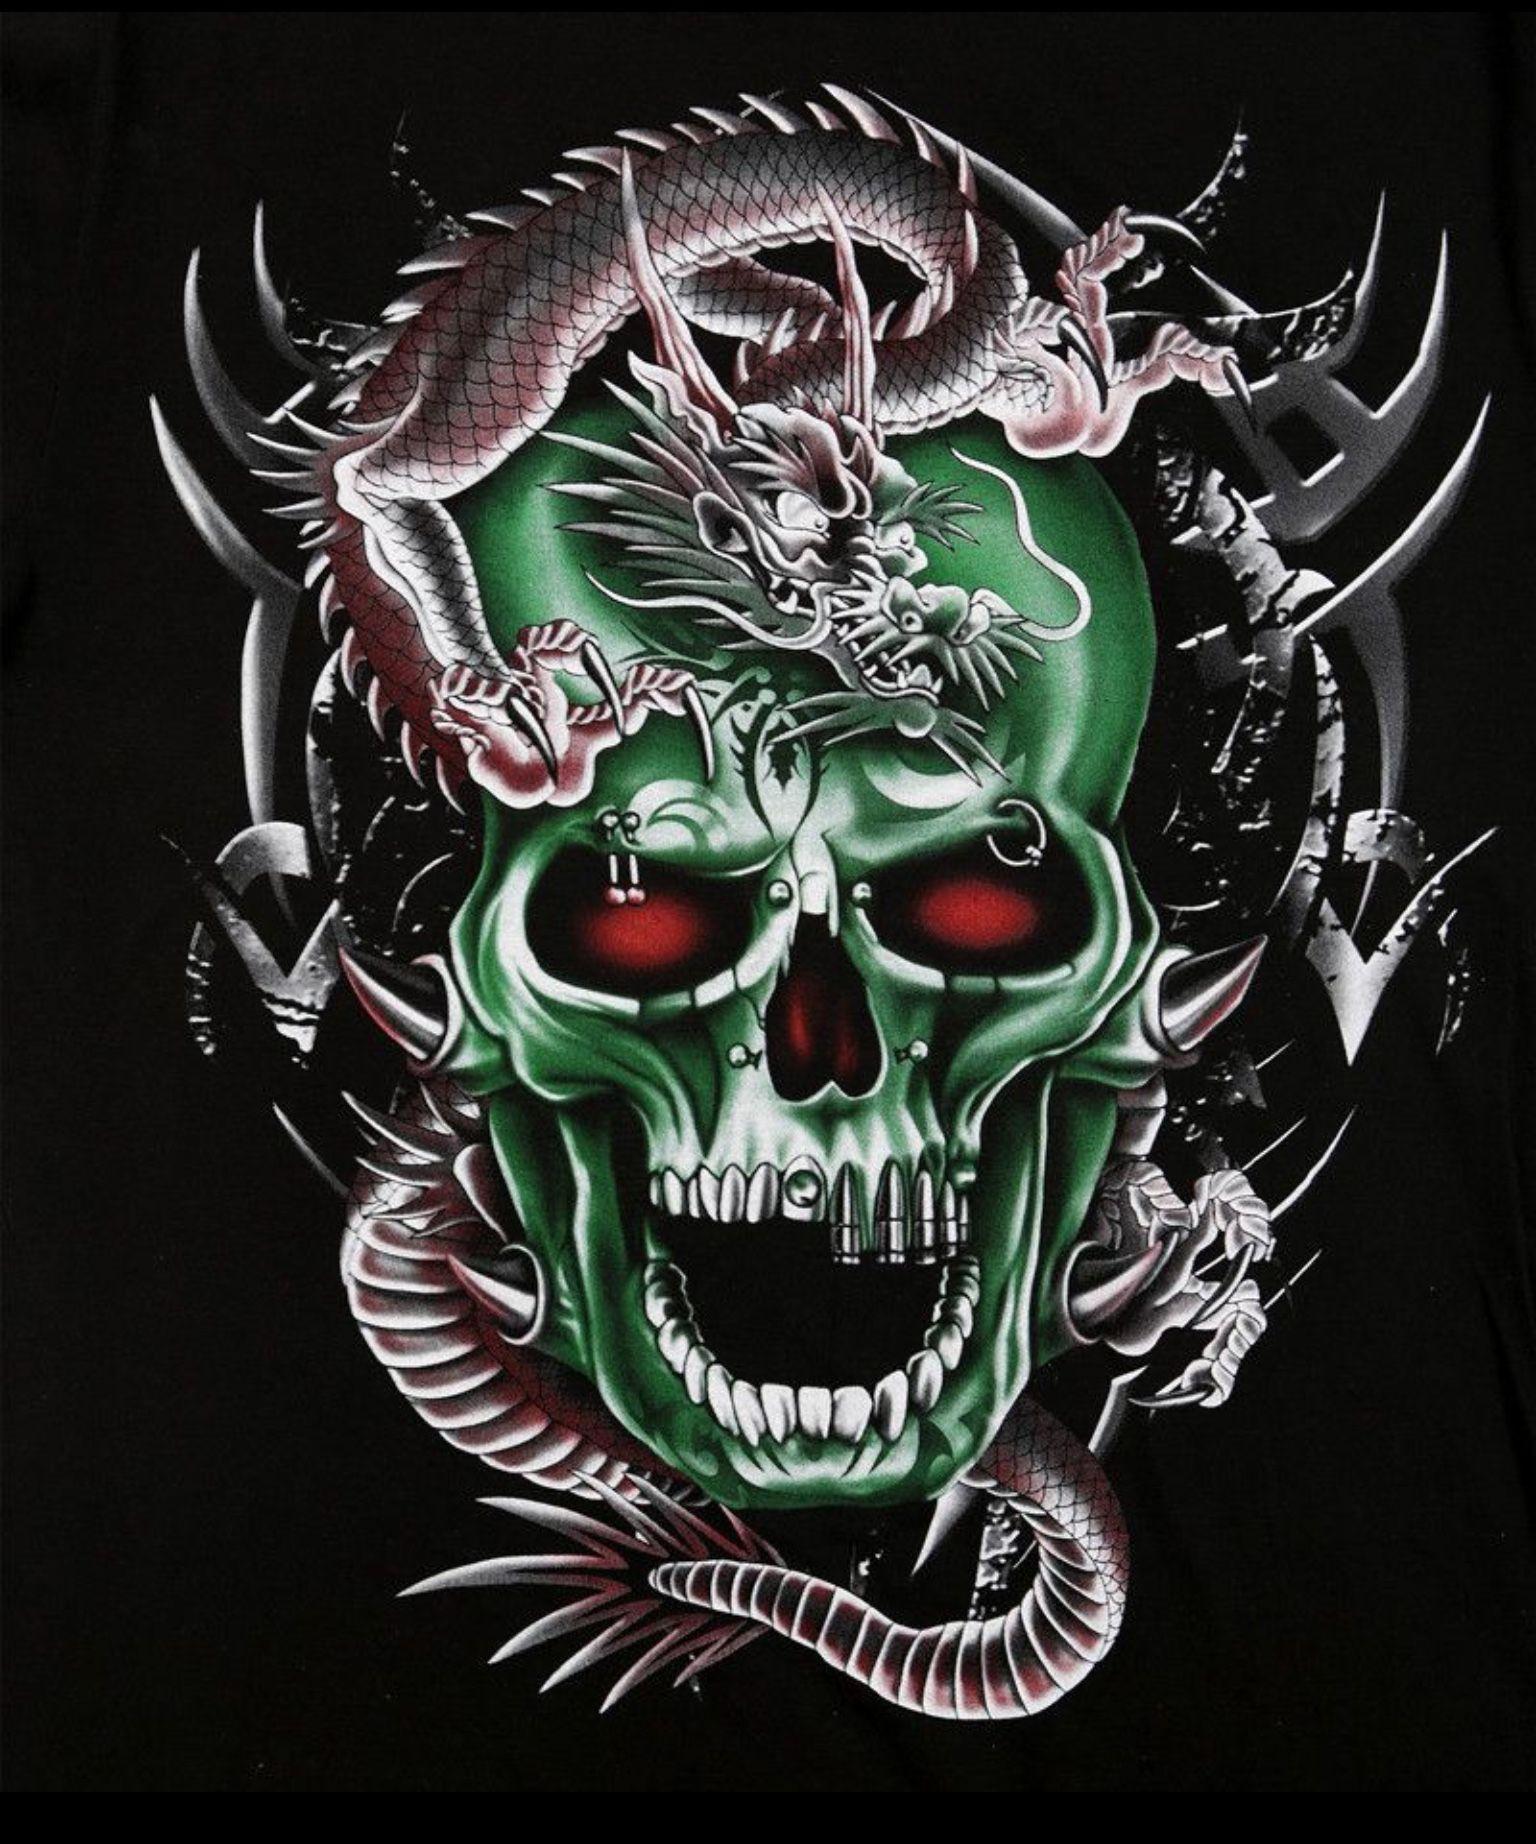 Skull Artwork, Skull Wallpaper